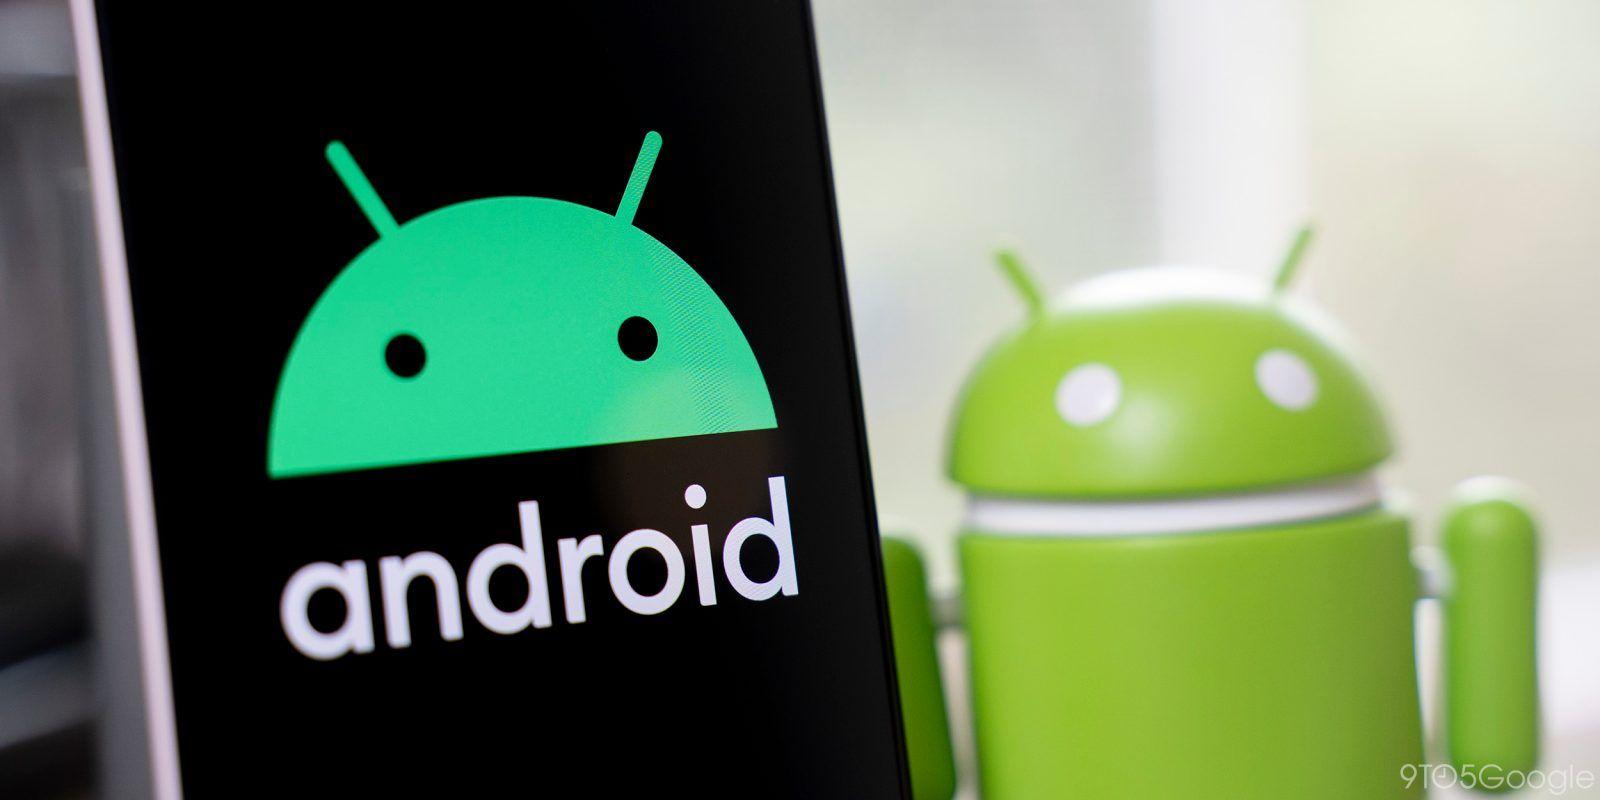 Tìm hiểu lỗi ứng dụng Android qua Mobisec